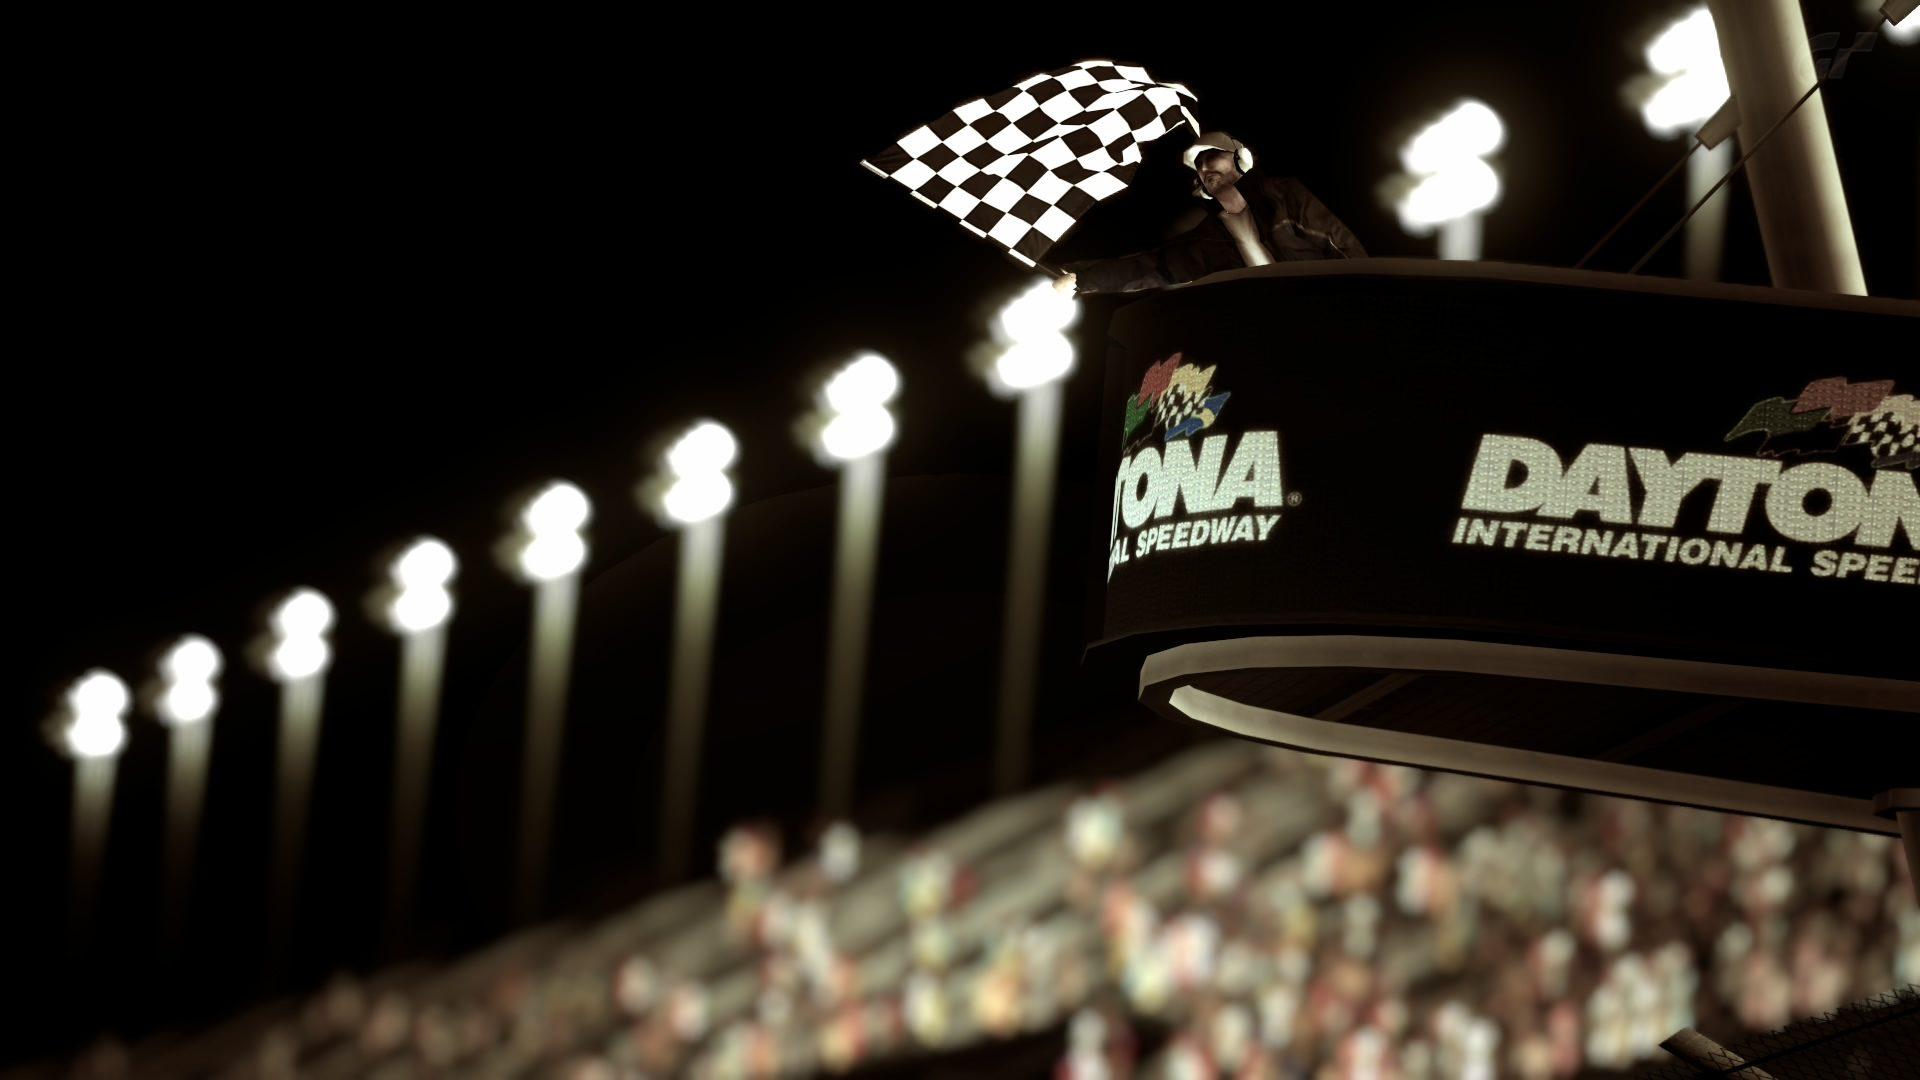 Daytona International Speedway_15.jpg